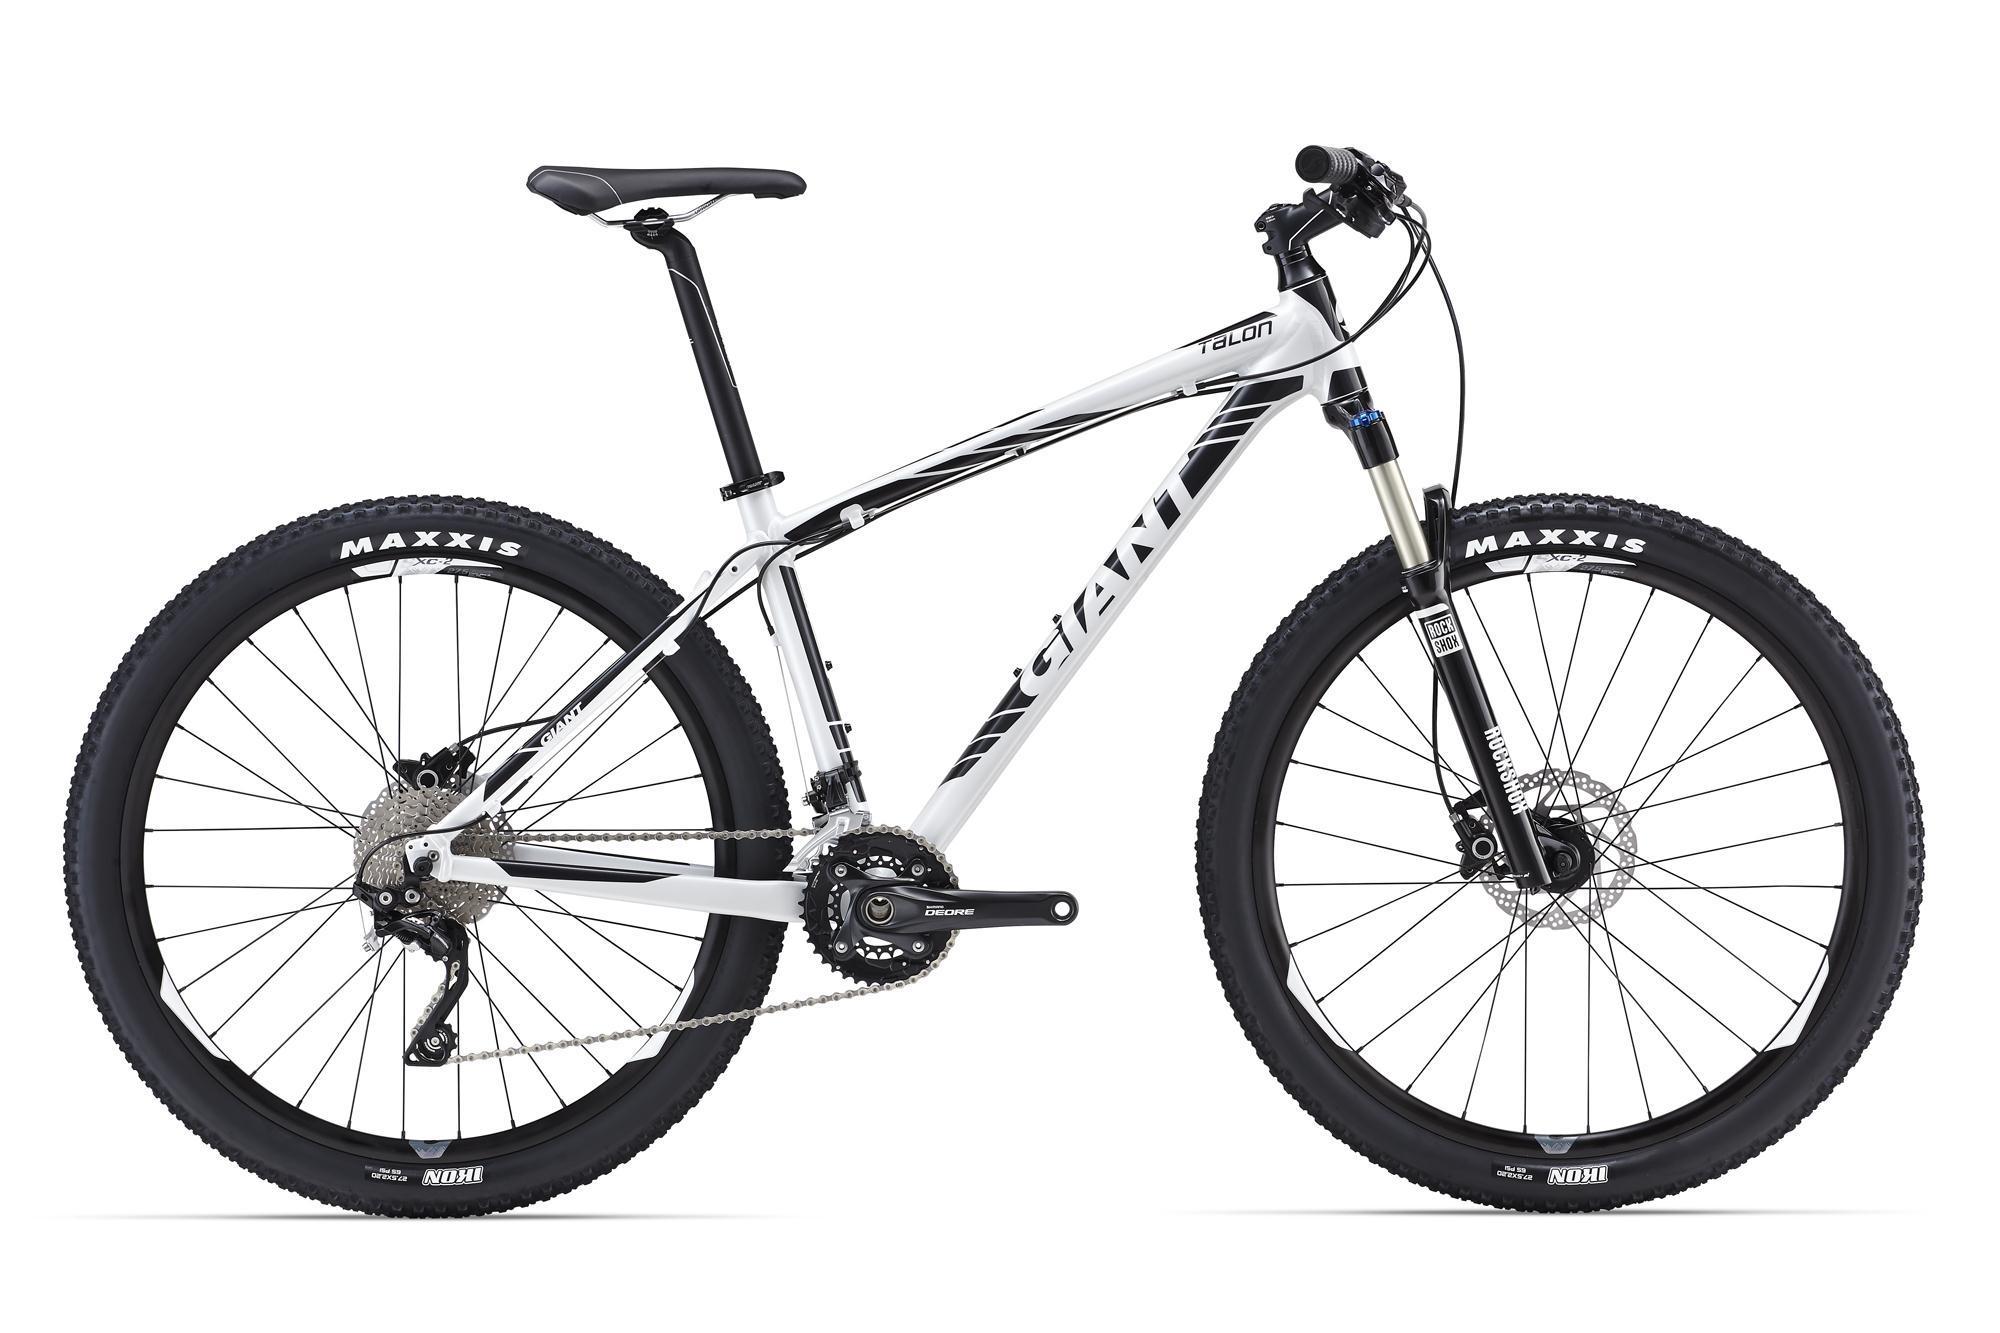 """Giant Talon 27.5 1 (2016)Горные<br>Чем больше контроля, тем больше удовольствия на трейлах. А чем больше удовольствия, тем больше прогресса! Основываясь на этом, Giant разработали раму Talon 27.5. Это понятный и сбалансированный велосипед с самыми современными колесами размера 27,5"""" и специально разработанной под них геометрией. Быстрые повороты, легкость даже на самых крутых подъемах, контроль на сложных спусках – это все про него.<br>В версии Talon 27.5 1 этот живчик получил воздушную вилку, работу которой легко настроить под свой стиль катания и вес, привод Shimano Deore/XT 2x10 славится своей четкой и неприхотливой работой, гидравлические дисковые тормоза Shimano предсказуемо мощно работают в любую погоду. Отличный вариант в стиле «сел и поехал» прямо из коробки.<br>"""